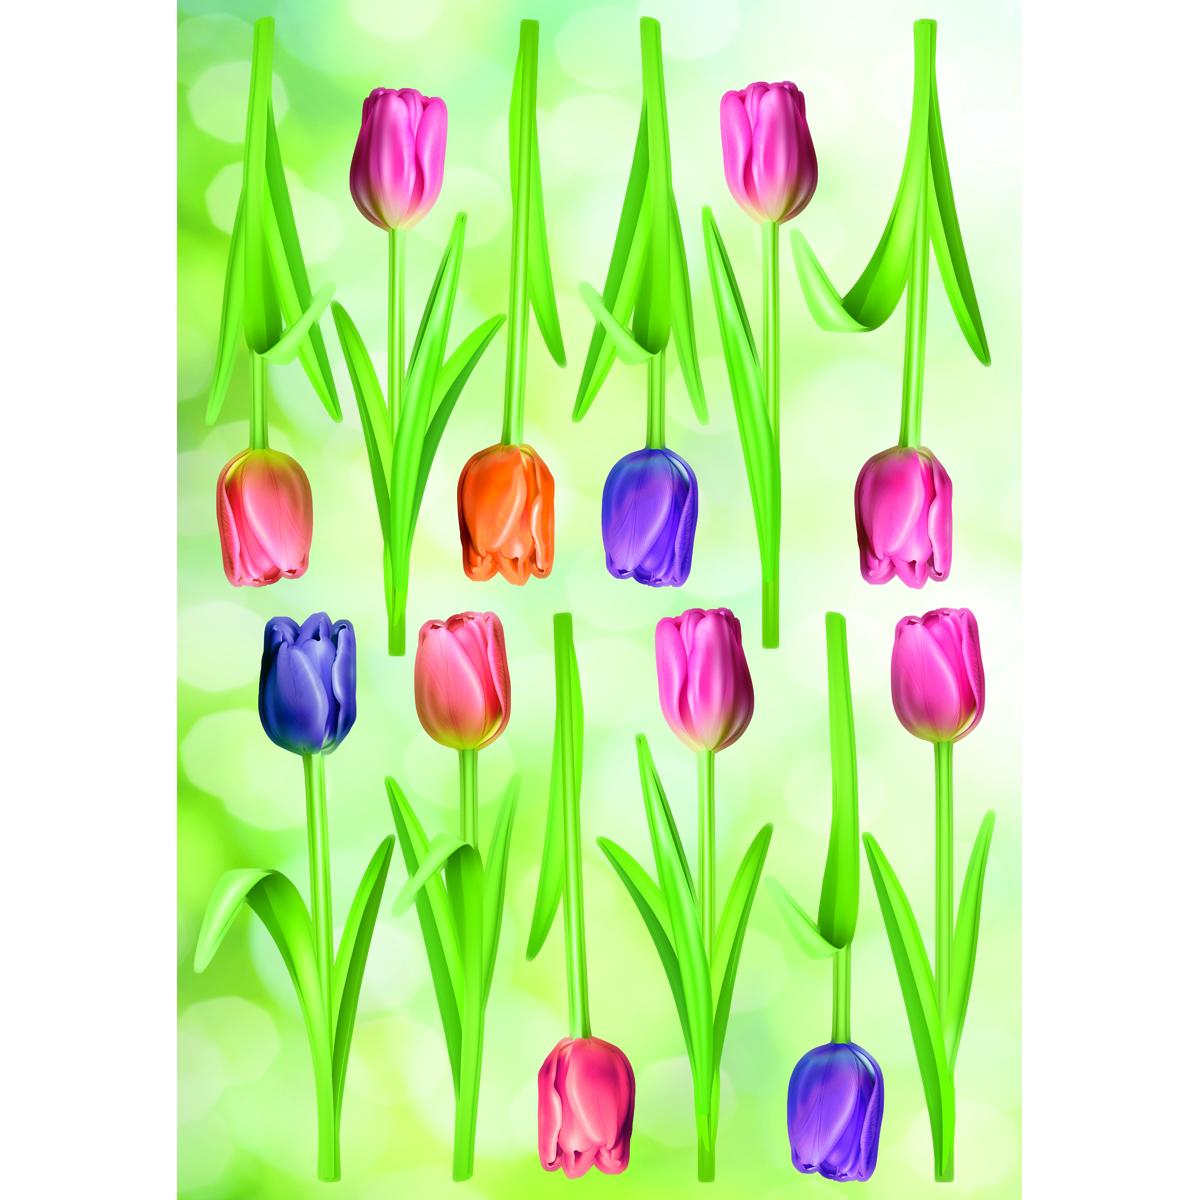 Украшение для стен и предметов интерьера Decoretto Весенние тюльпаны украшение для стен и предметов интерьера decoretto снегири на ветке 11 шт ni 4002